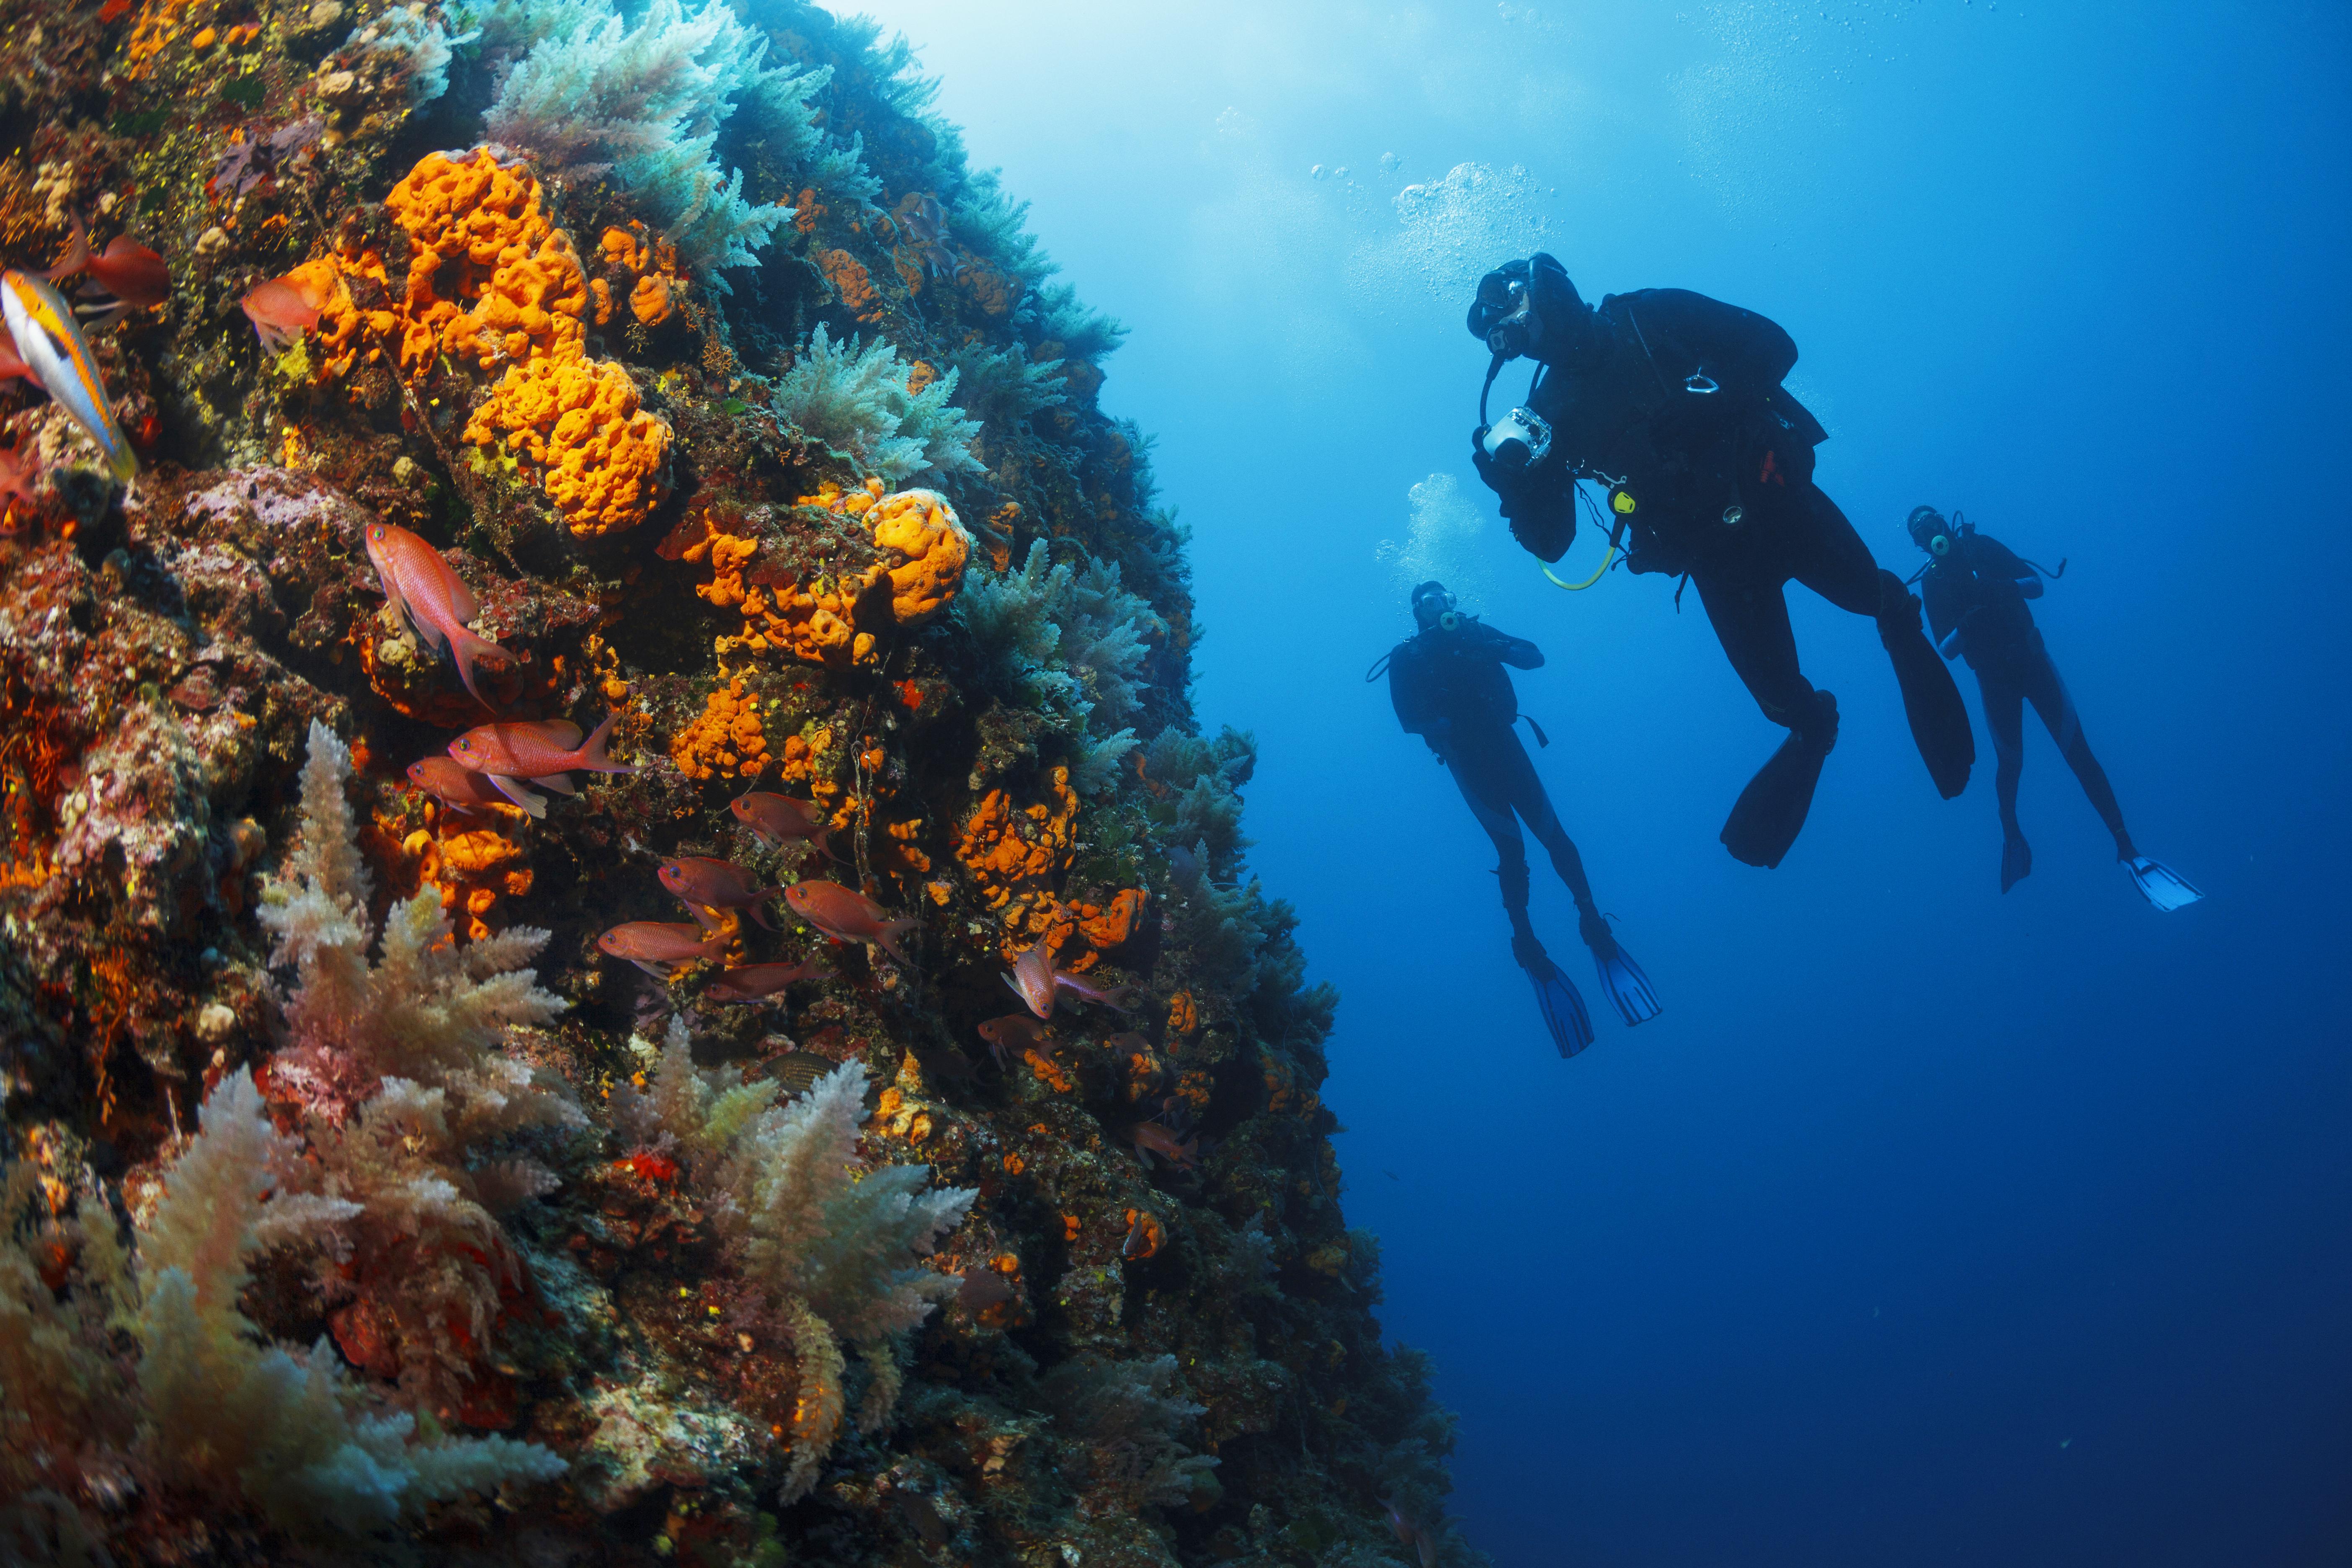 Unterwasserszene mit einer Gruppe von Tauchern, die einen Schwamm im Meer erforschen und genießen.